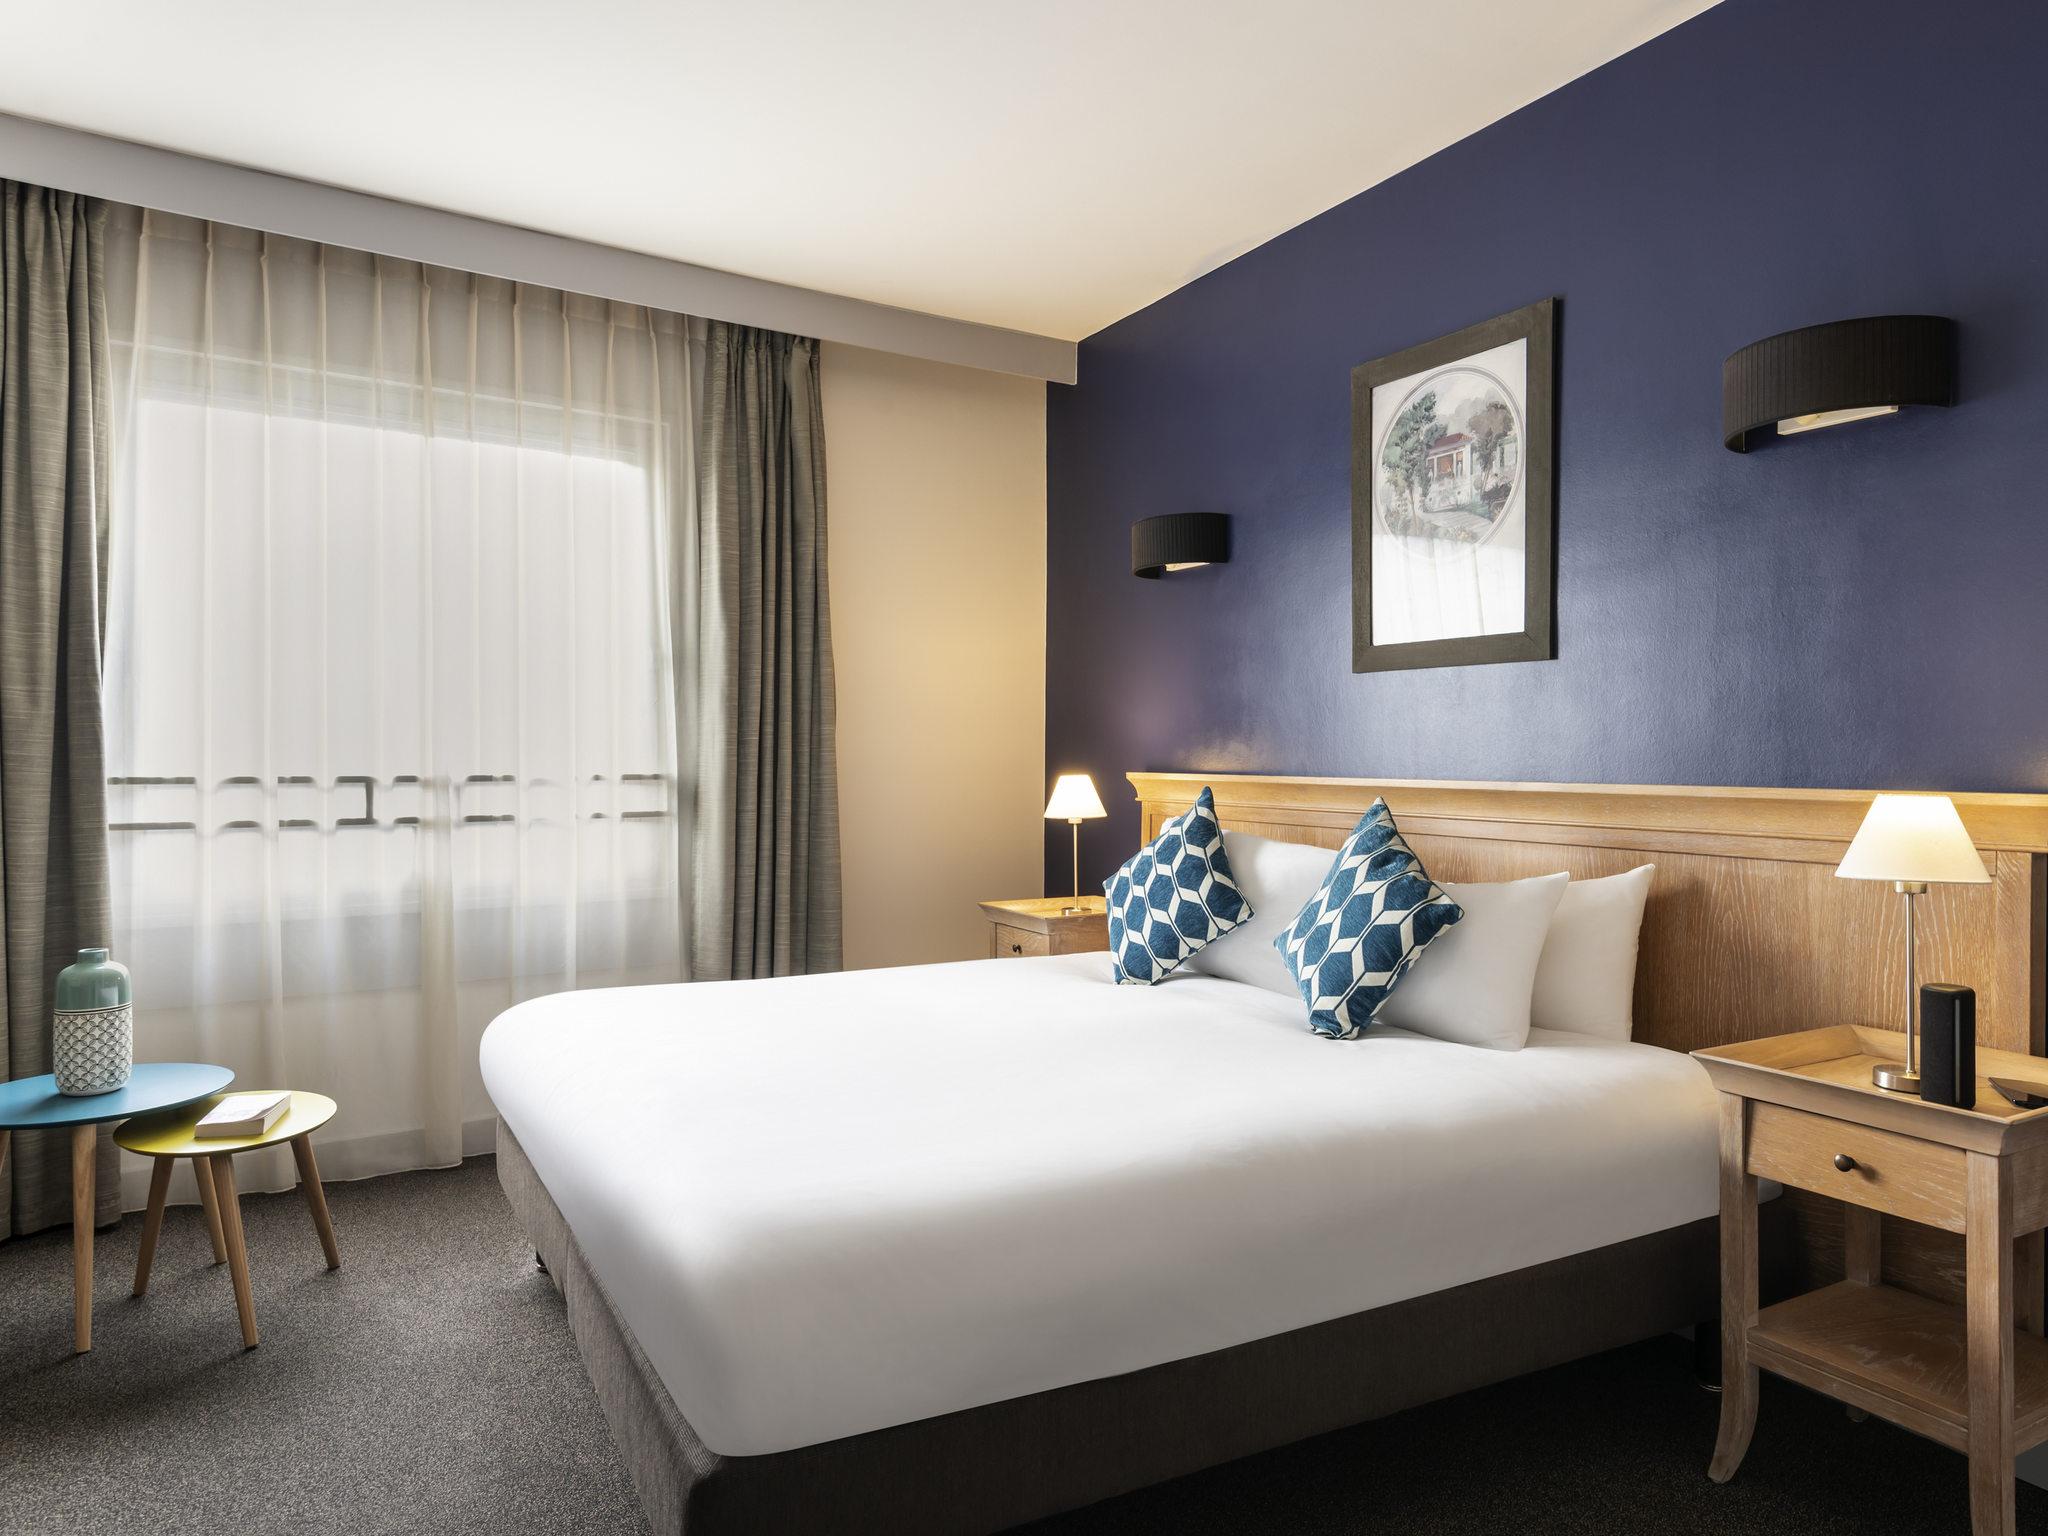 酒店 – 阿德吉奥拉德芳斯广场酒店